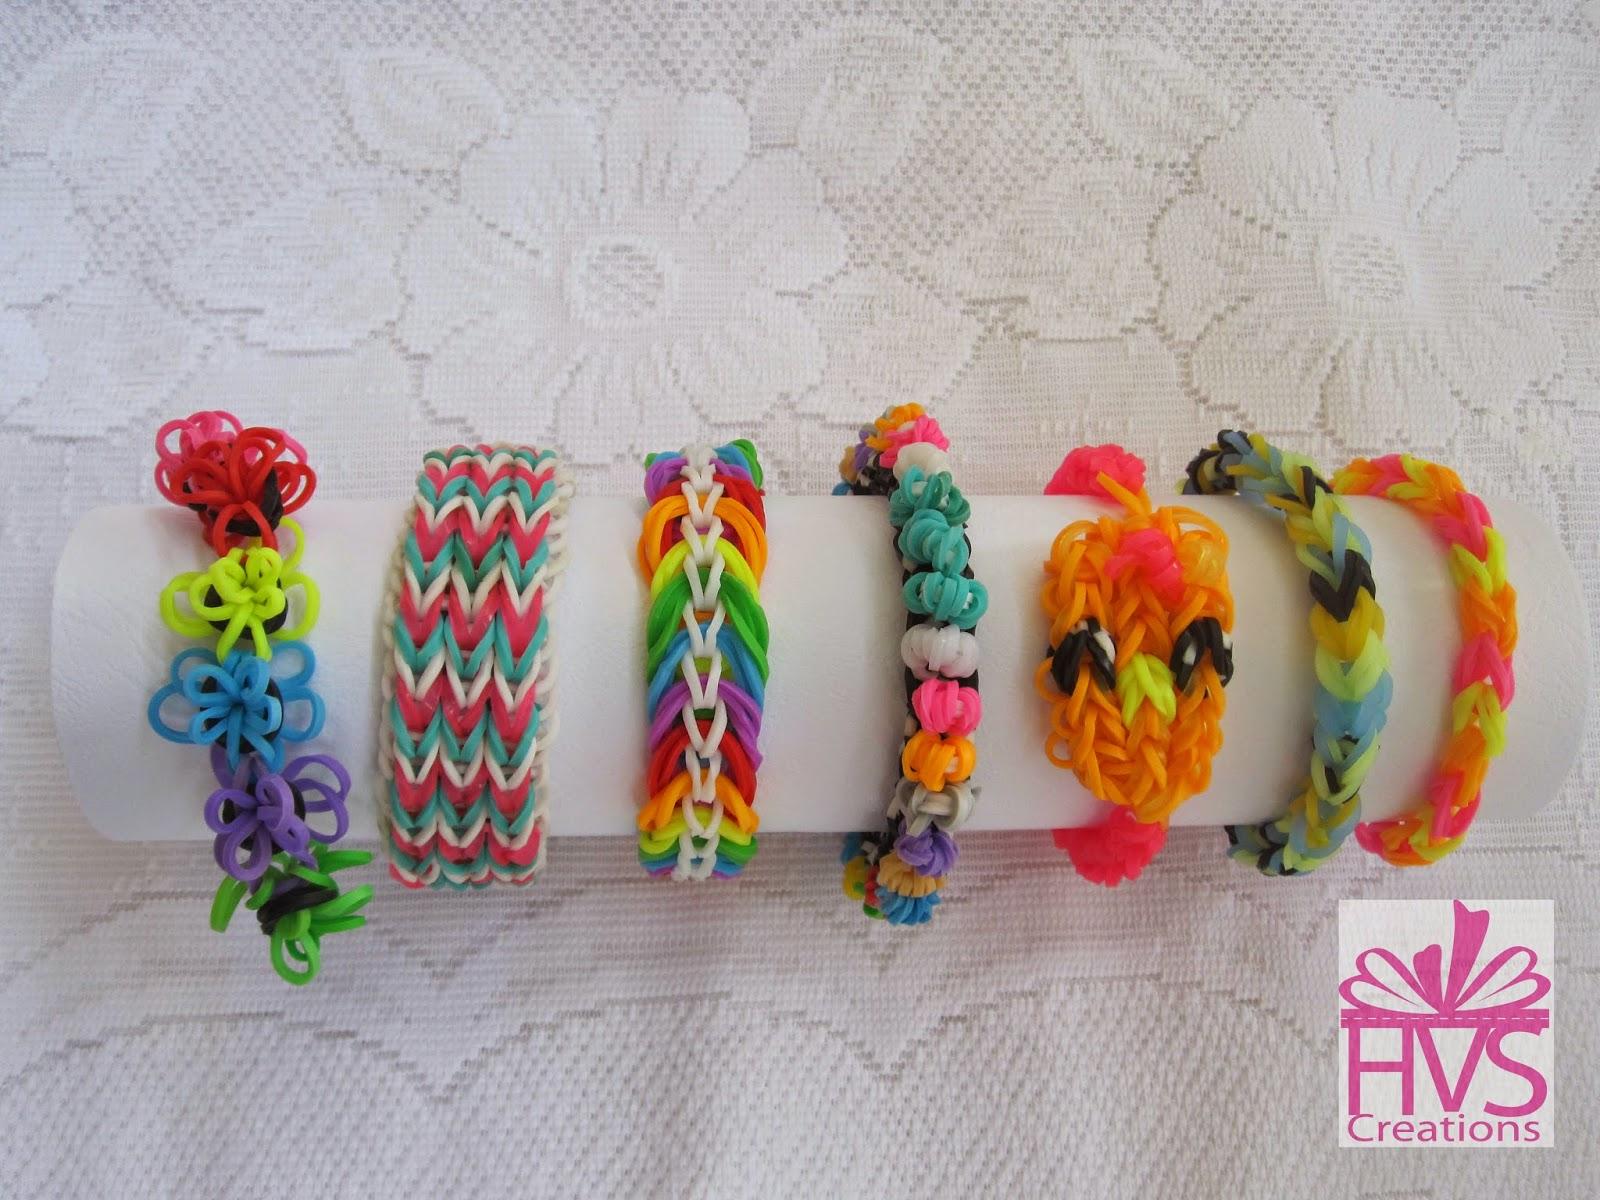 Rainbow Loom Creations Hvs Creations